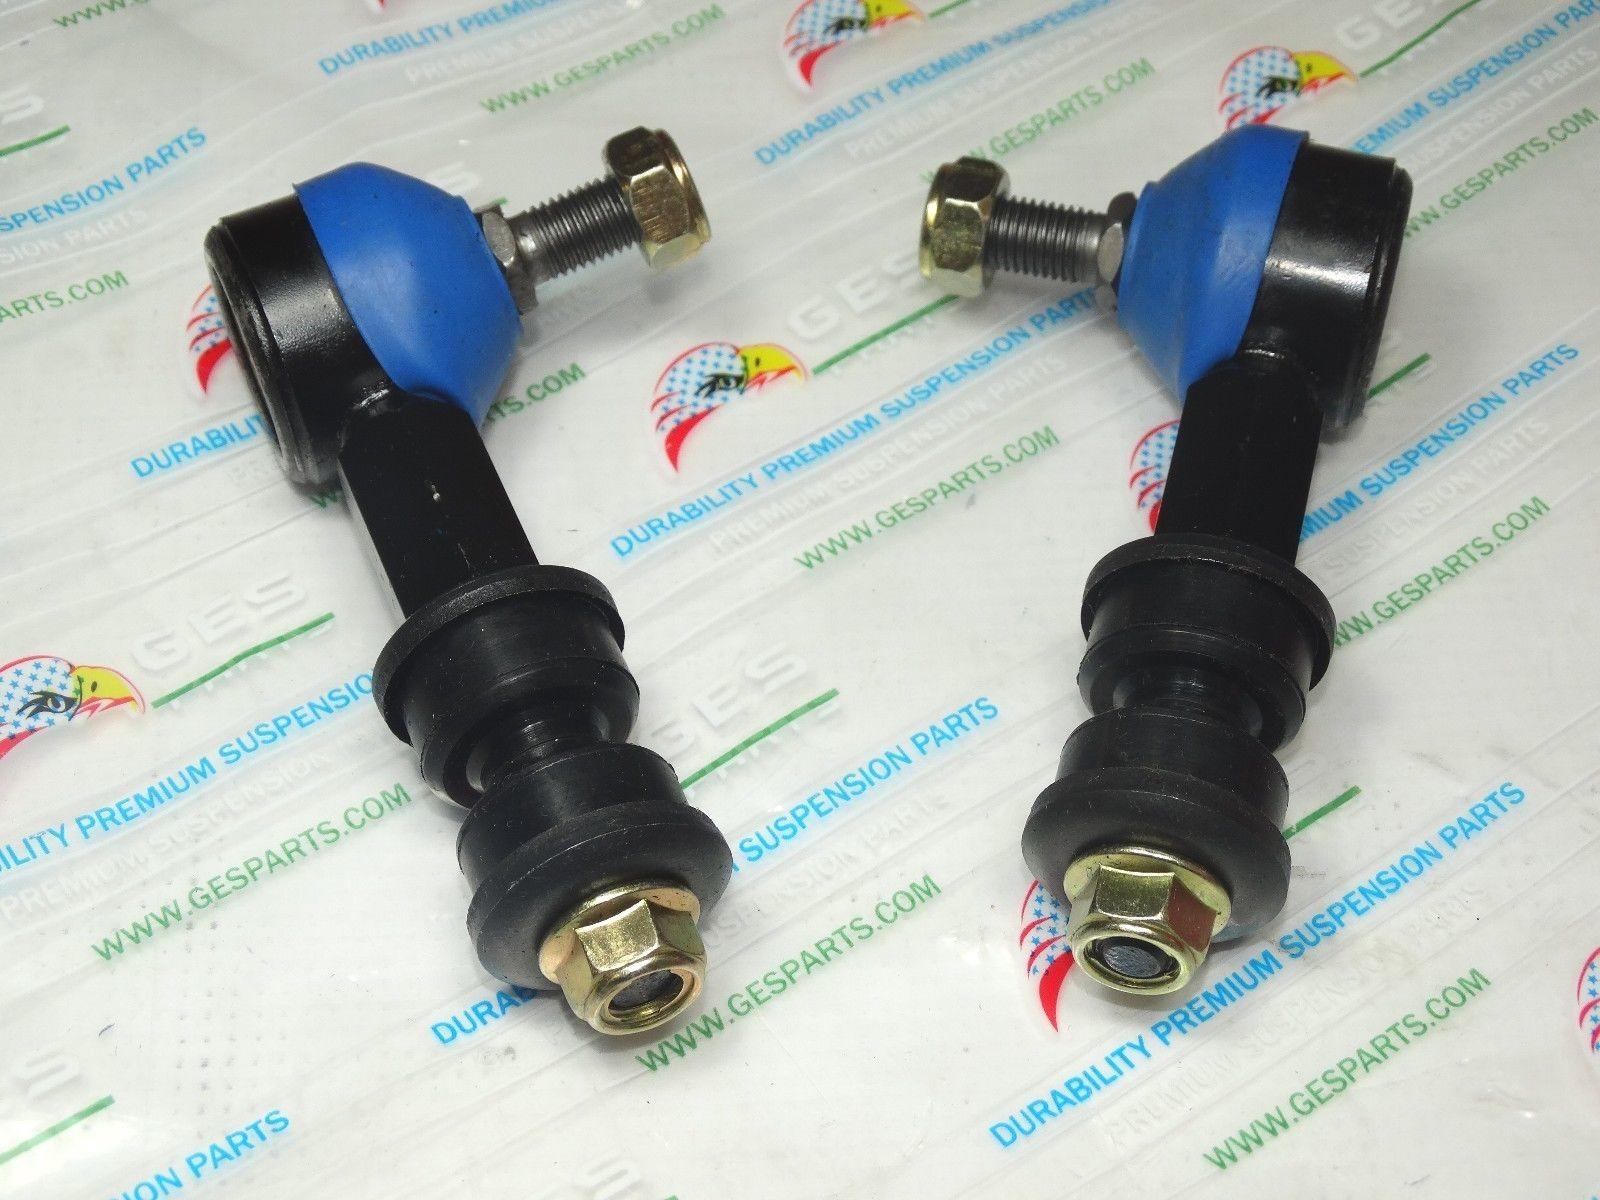 93-01 Altima 95-99 Maxima 96-99 I30 2PCS Front Left & Right Sway Bar Links K9824